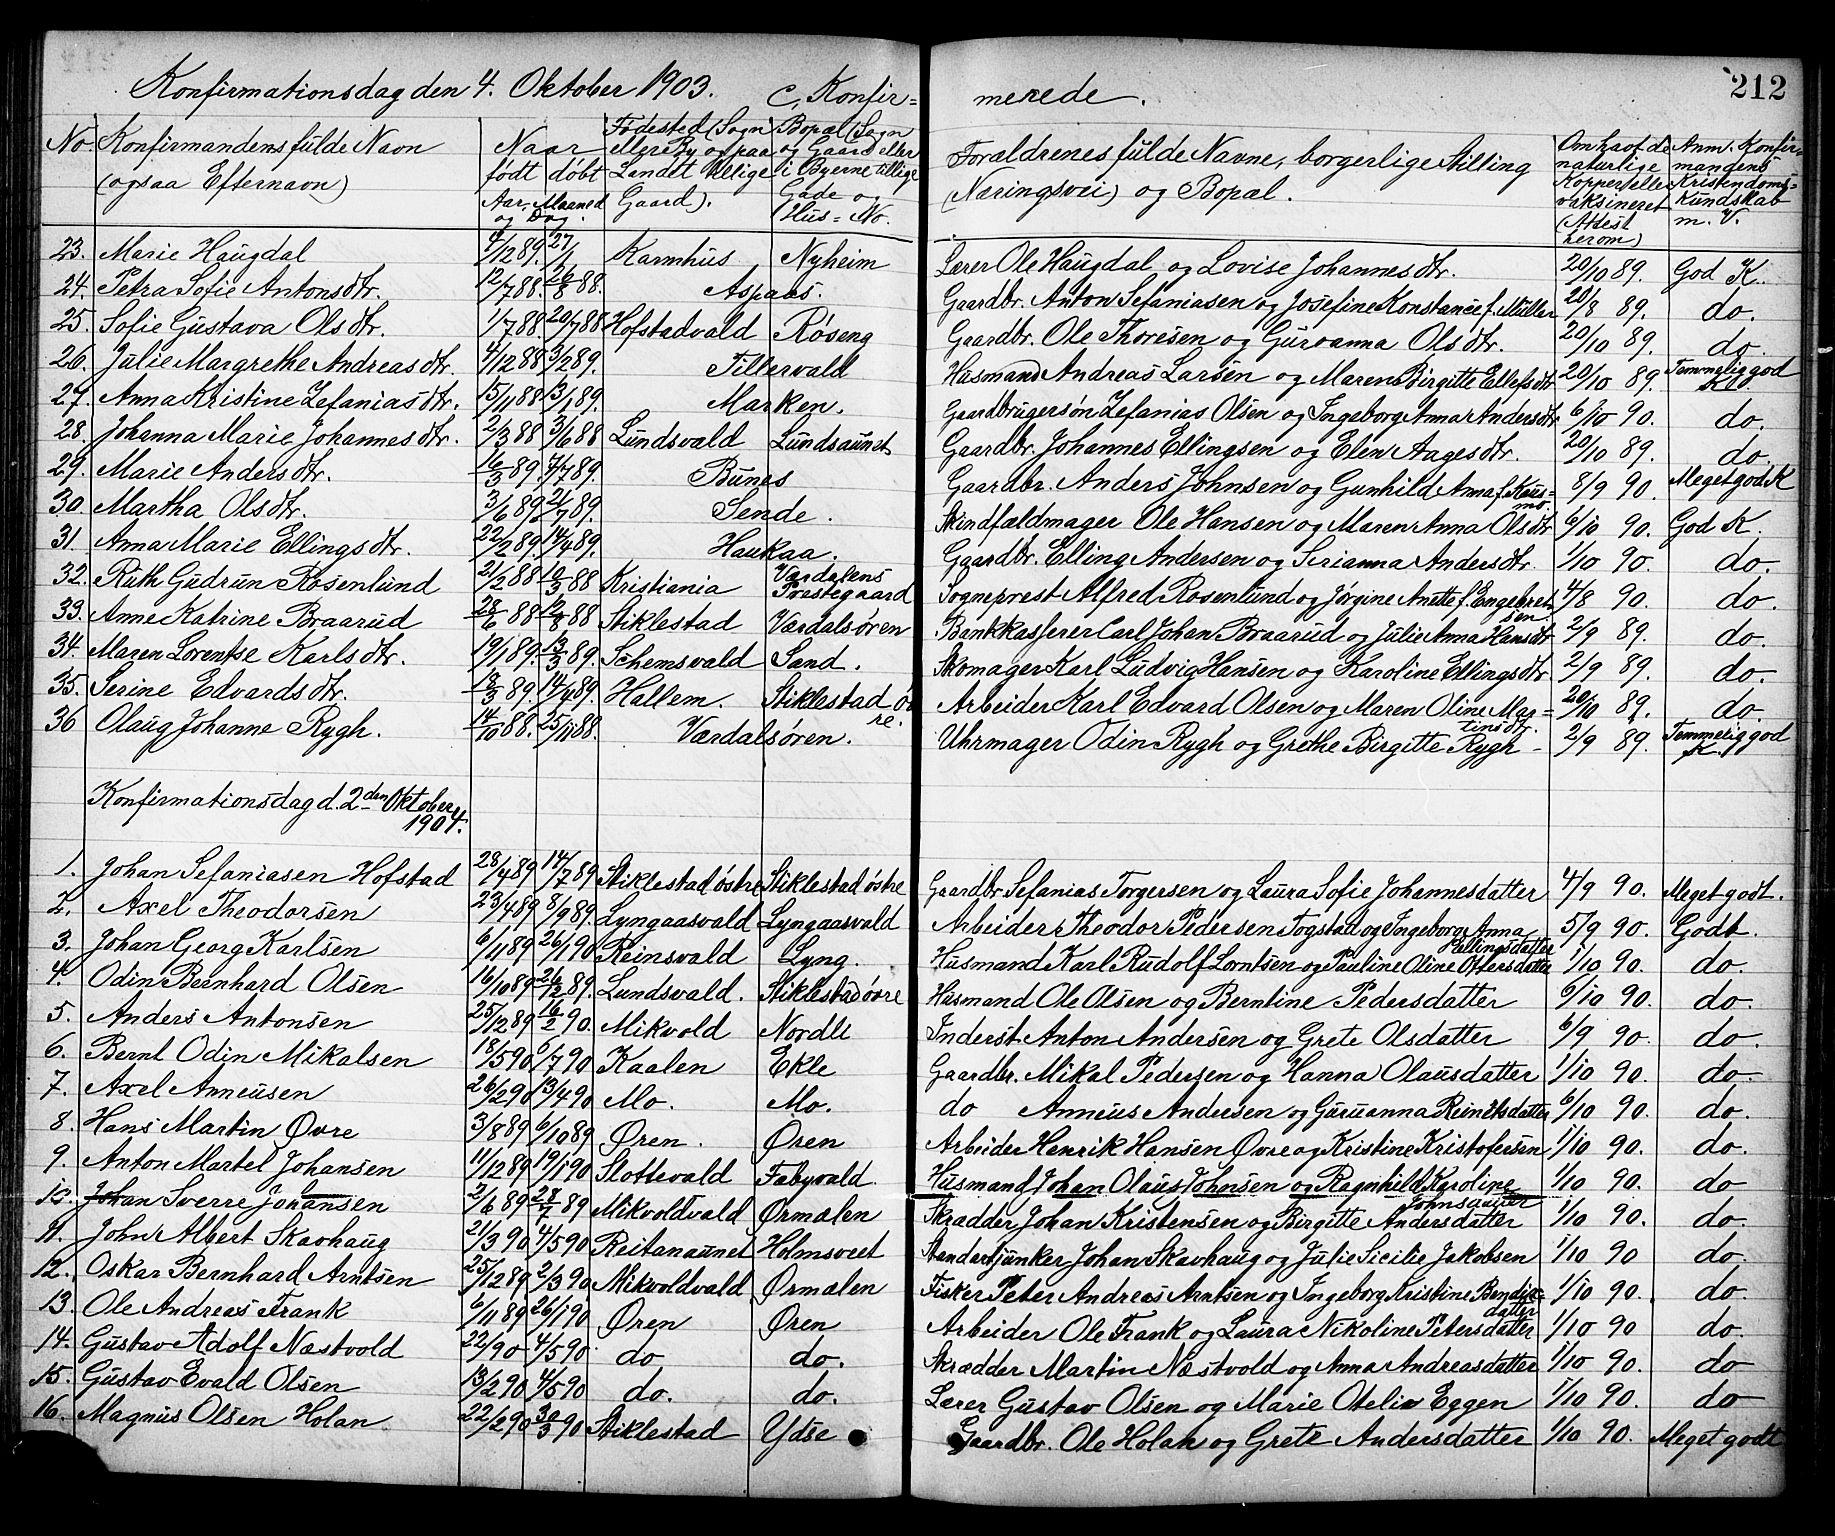 SAT, Ministerialprotokoller, klokkerbøker og fødselsregistre - Nord-Trøndelag, 723/L0257: Klokkerbok nr. 723C05, 1890-1907, s. 212